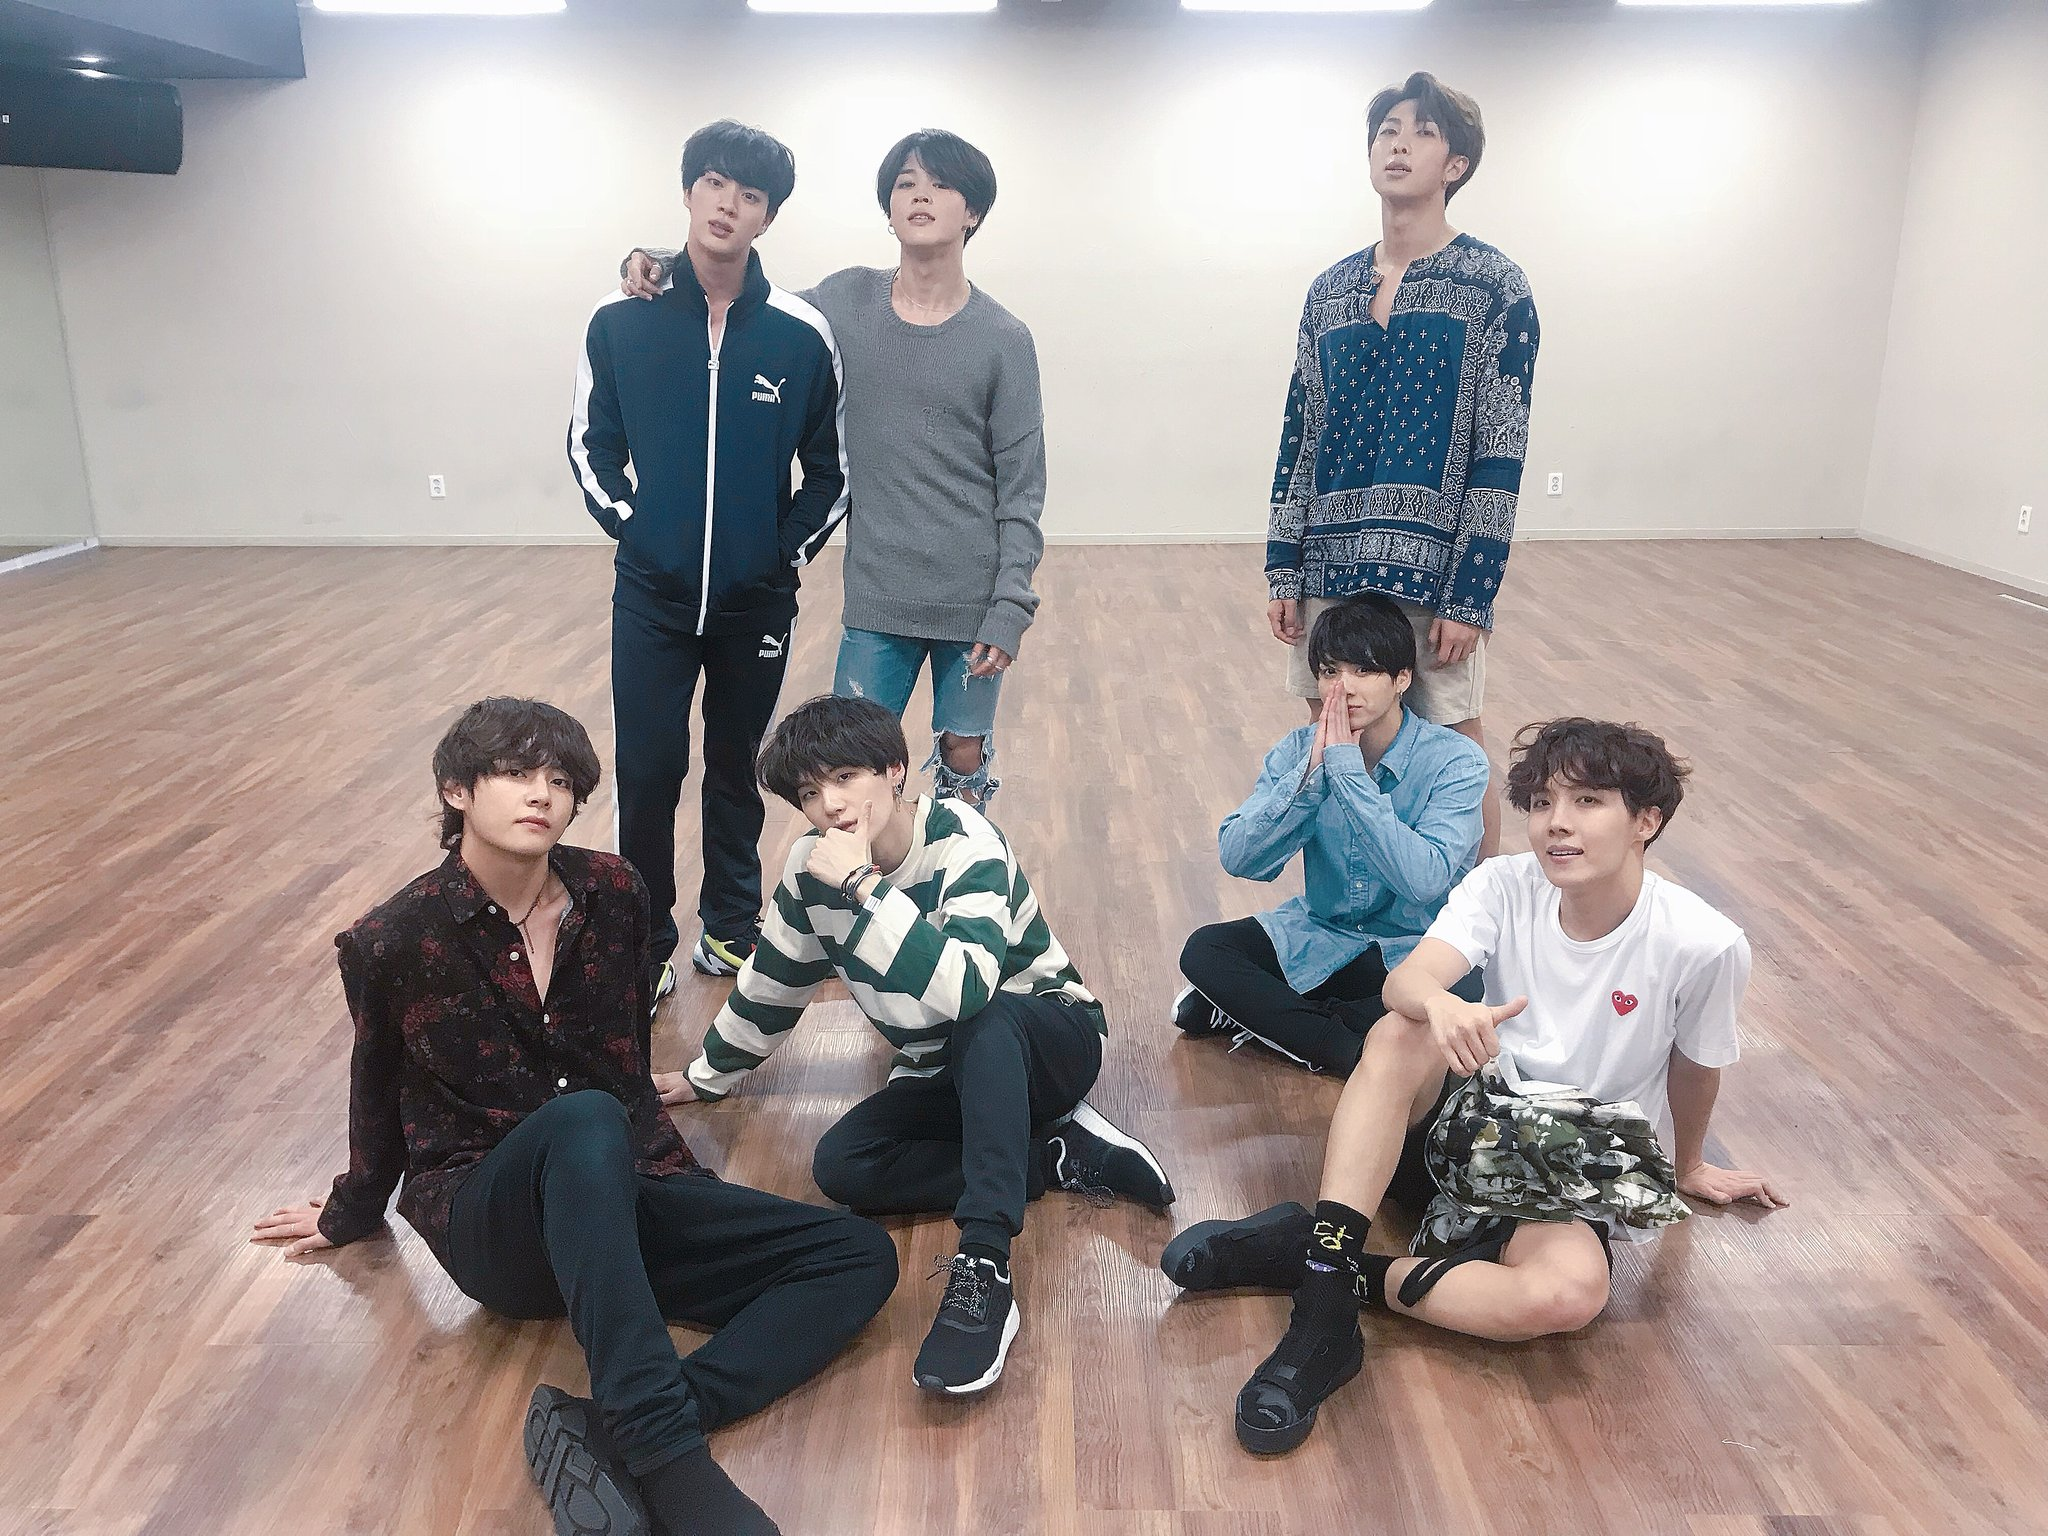 """373e demqy1euqaaclb0 - BTS """"FAKE LOVE """" dance practice"""